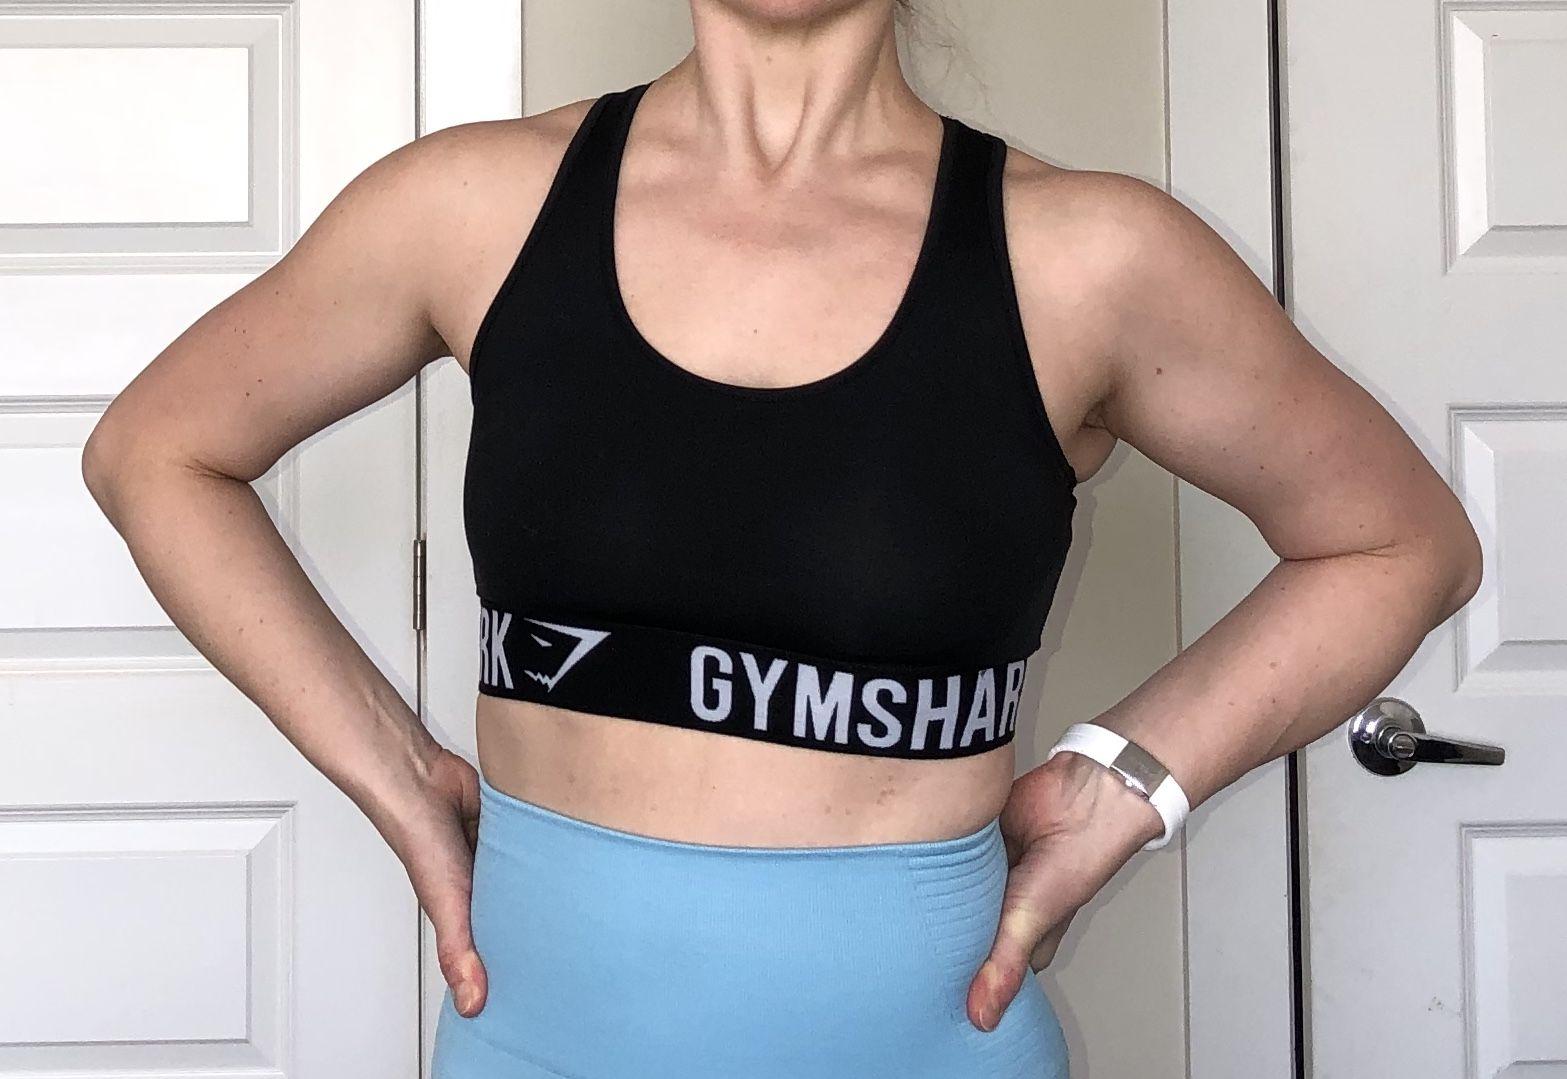 Gymshark Workout Gear Review Workout gear, Gymshark fit